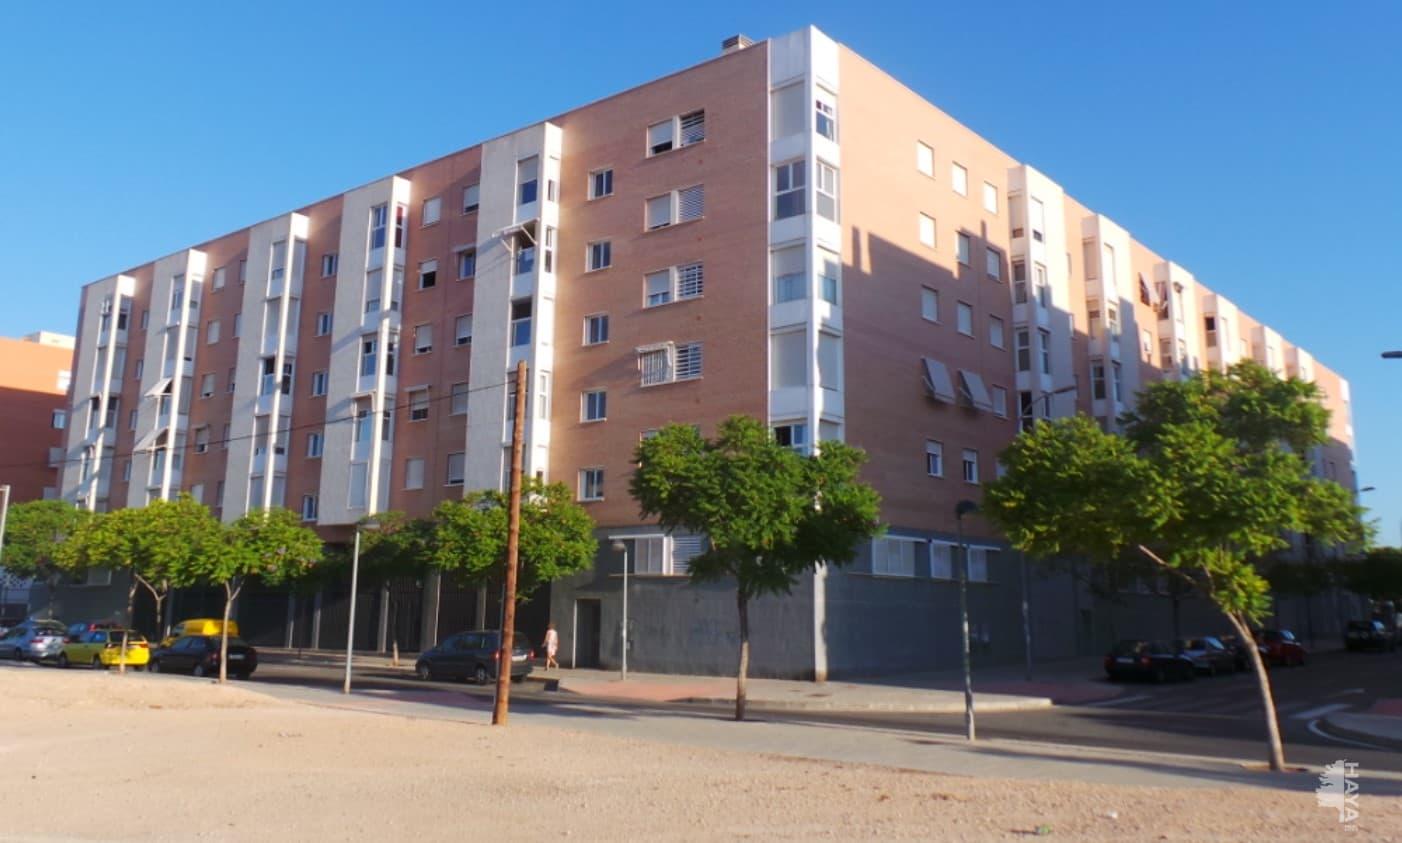 Piso en venta en Parque de la Avenidas, Alicante/alacant, Alicante, Calle los Montesinos, 172.000 €, 2 baños, 159 m2